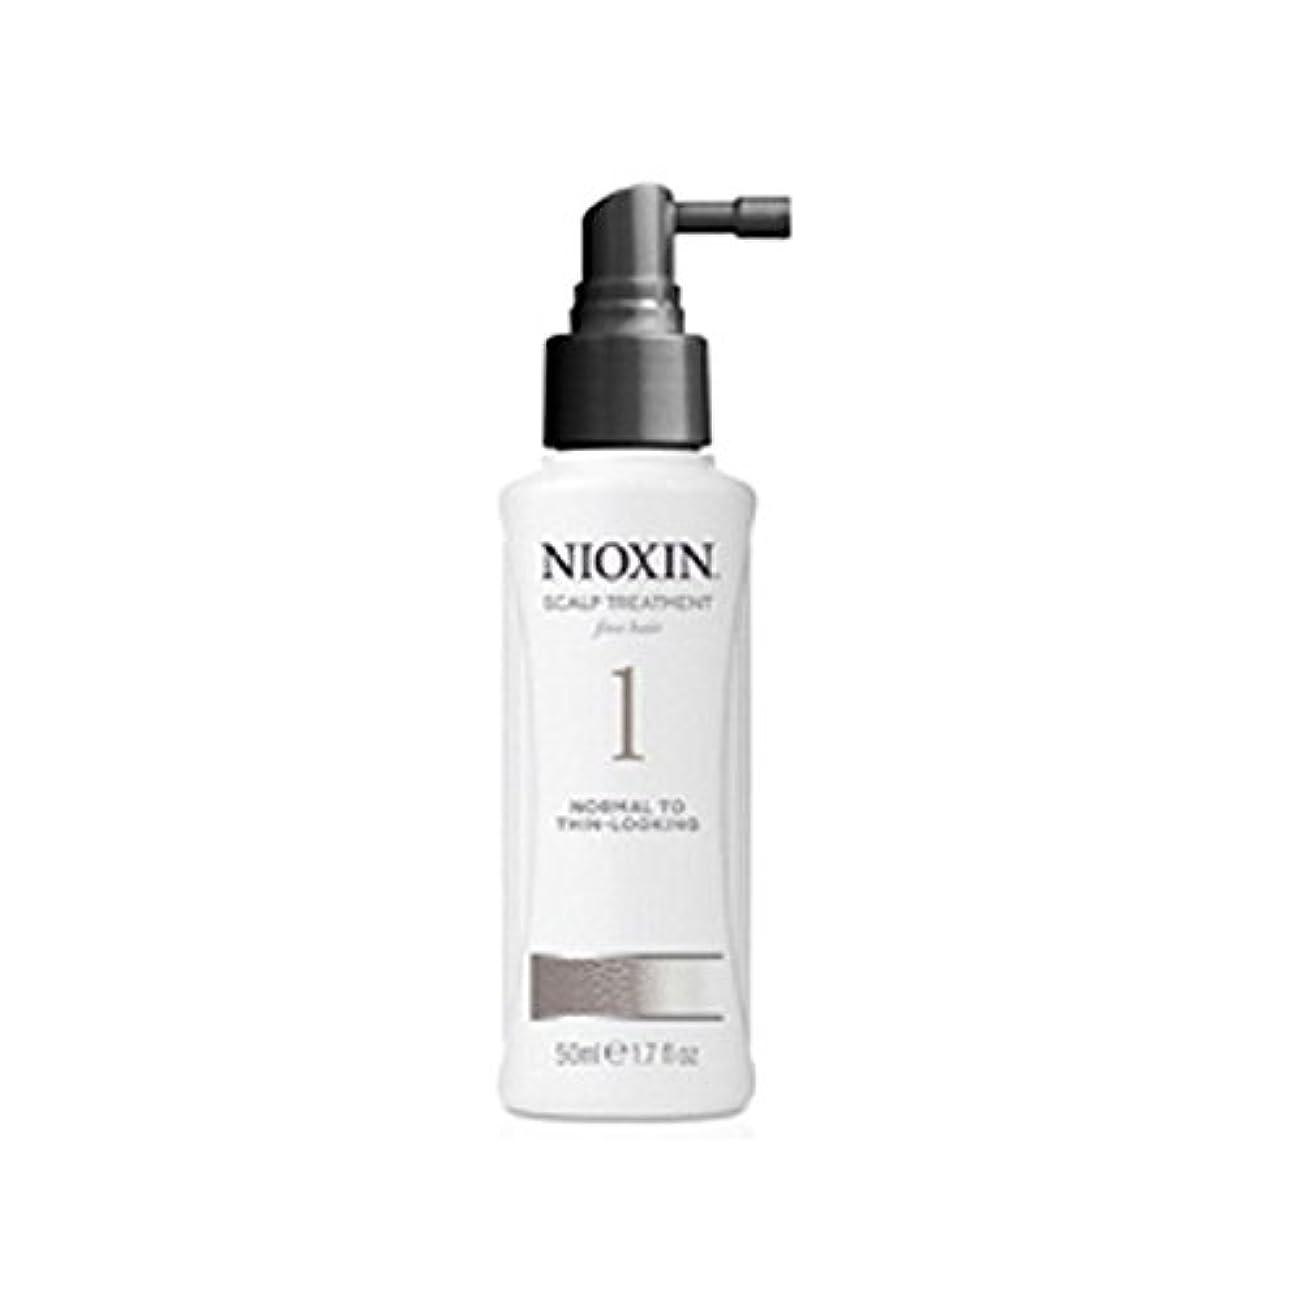 クラシックアルカイックチャレンジNioxin System 1 Scalp Treatment For Normal To Fine Natural Hair (100ml) - 細かい自然な髪への通常のためニオキシンシステム1スカルプトリートメント(...